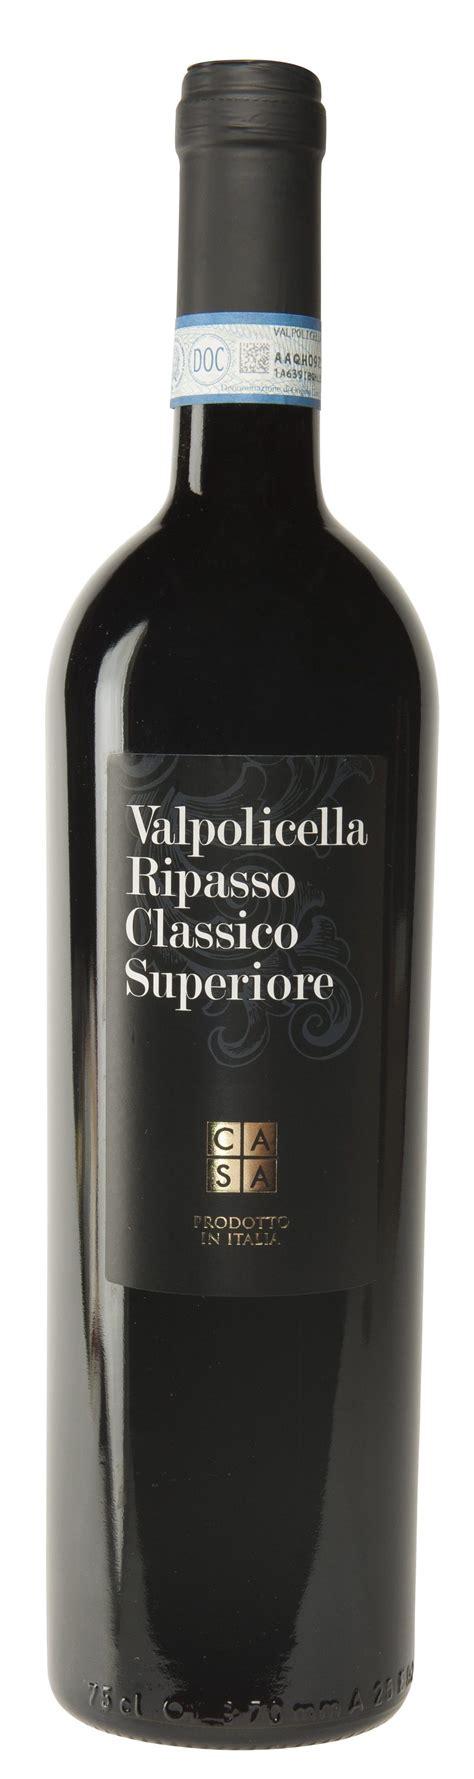 casa valpolicella casa ripasso wijnenwereld nl wijn kopen